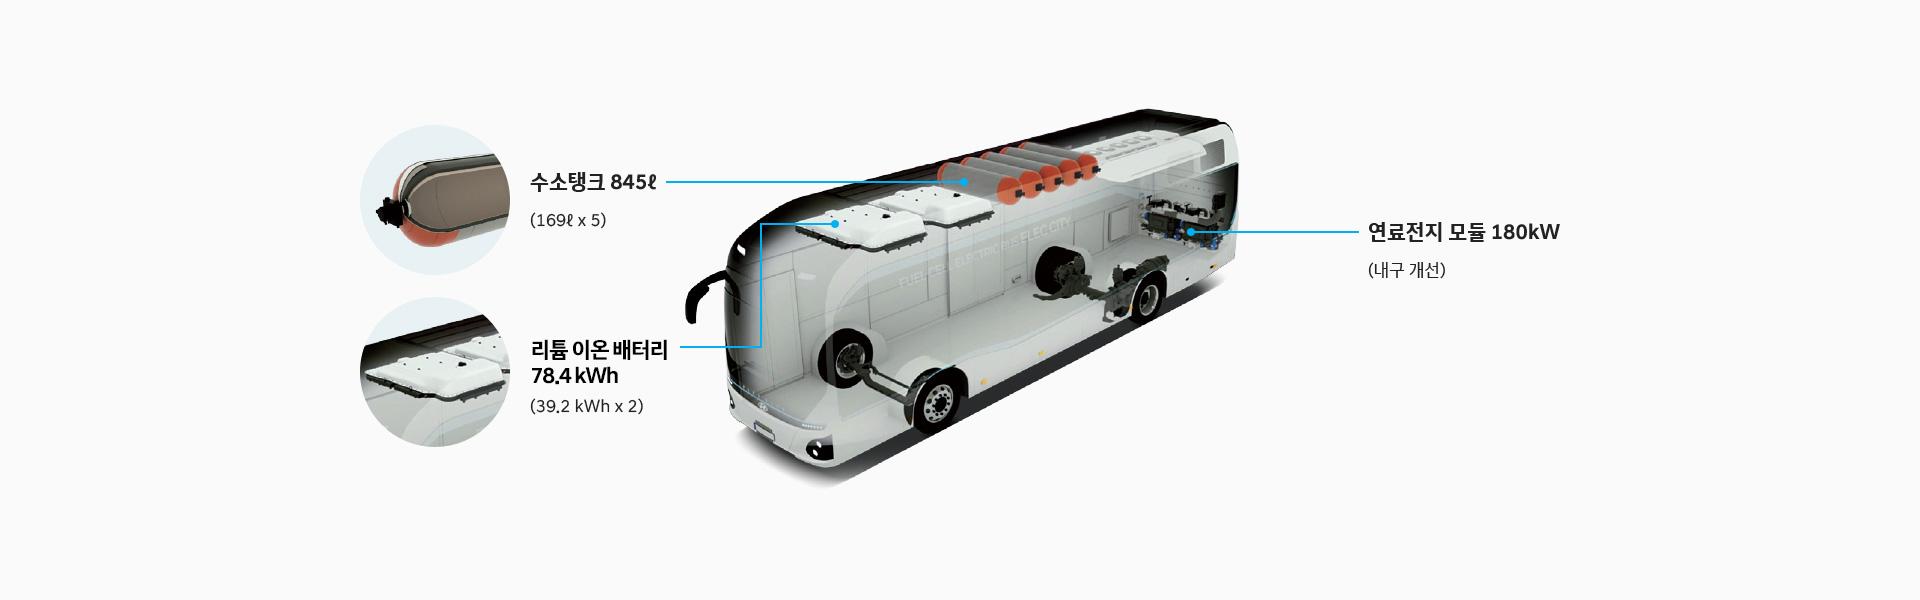 수소탱크 845ℓ(169ℓ x 5), 리튬 이온 폴리머 배터리 78.4 kWh(39.2 kWh x 2), 연료전지 모듈 180kW(내구 개선)